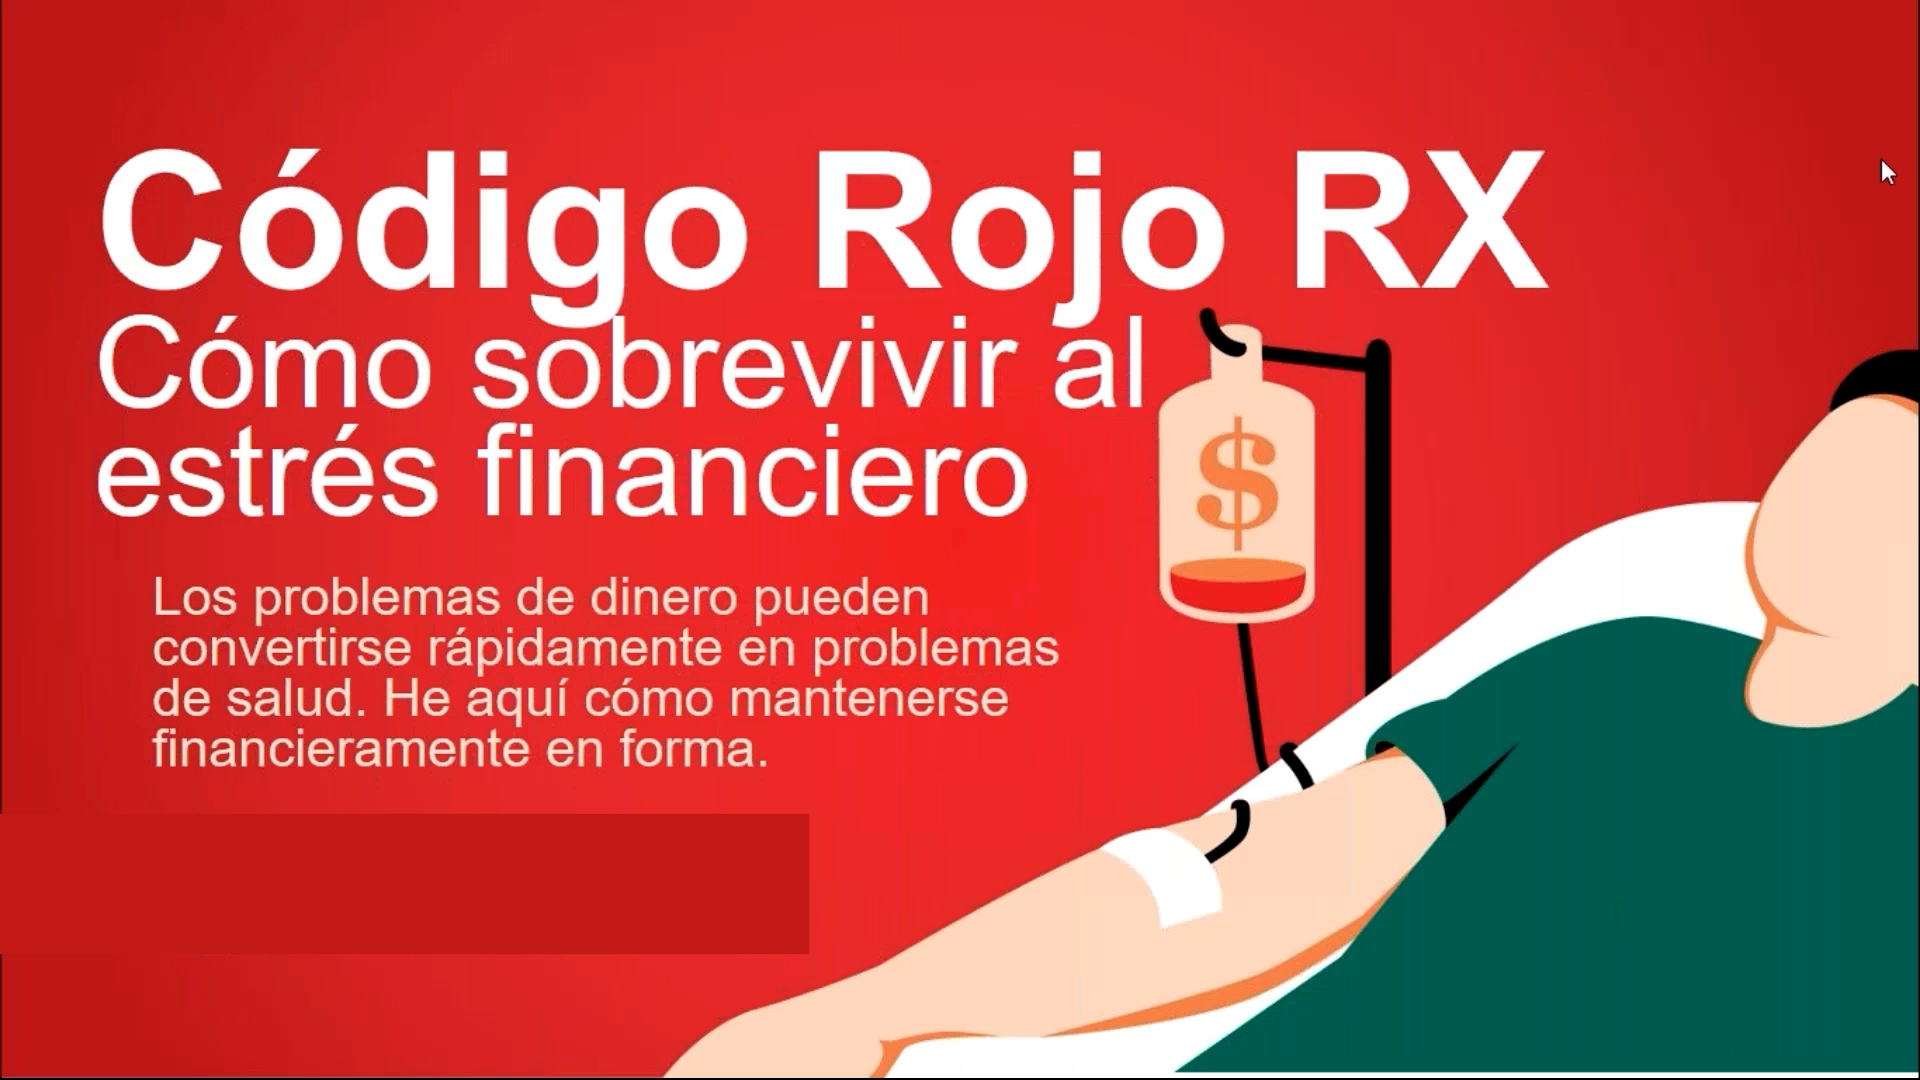 Código Rojo Rx: Cómo sobrevivir al estres financiero